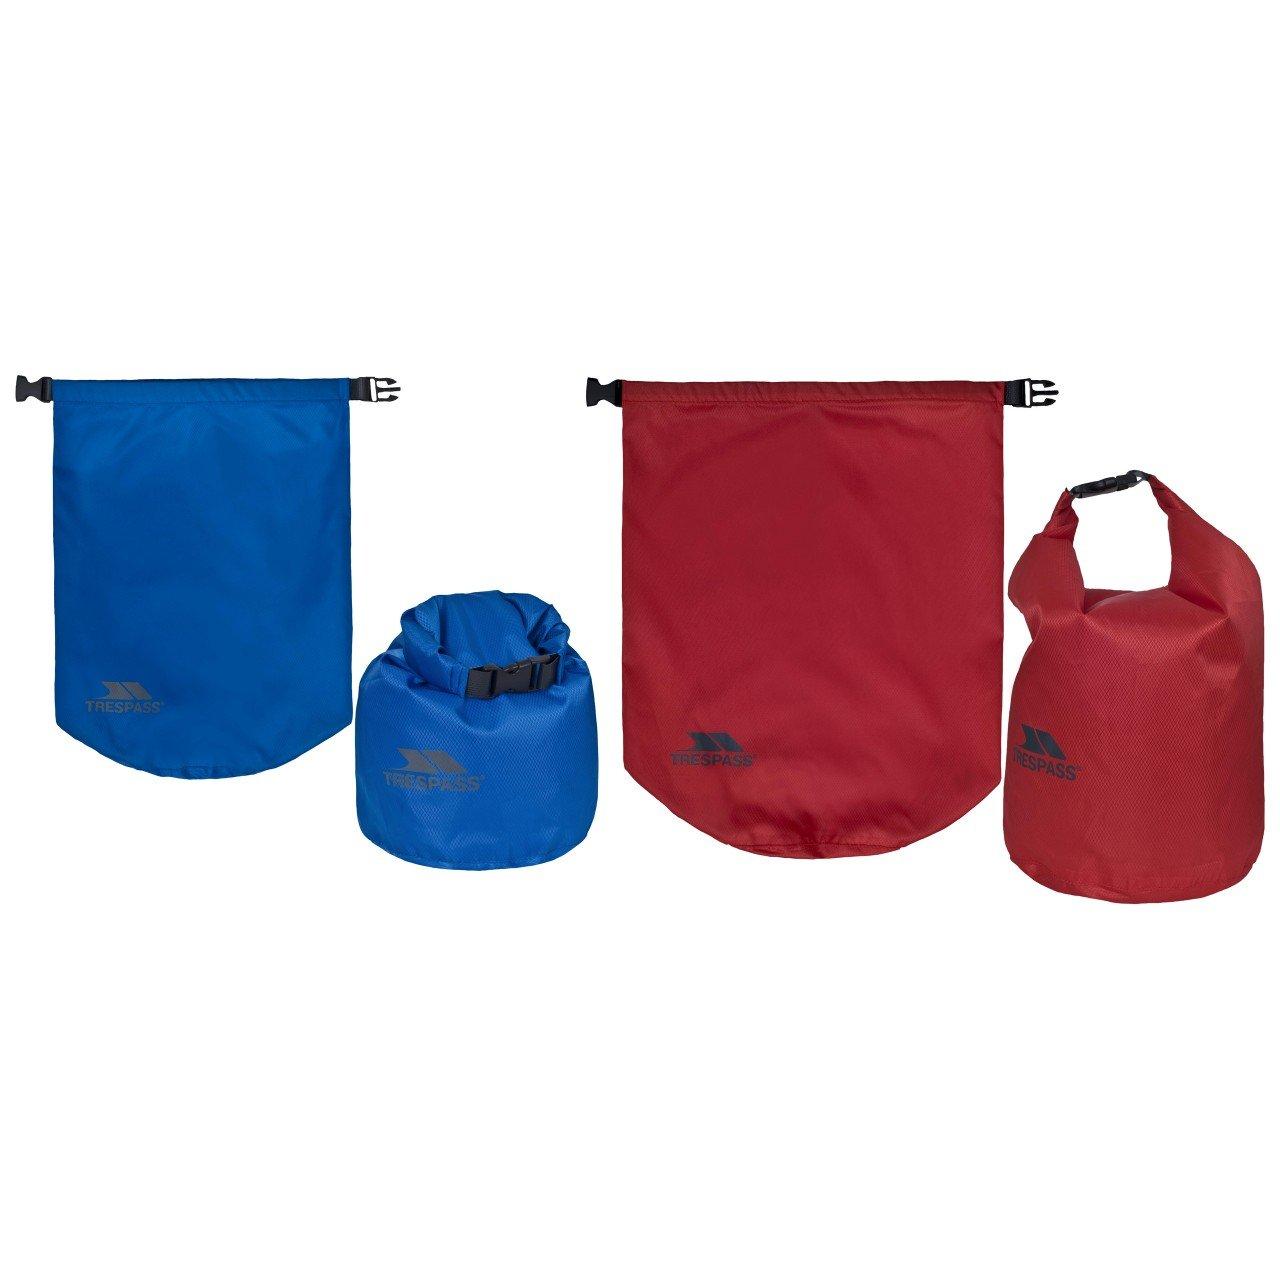 Trespass Euphoria 2 Piece Dry Bag Set 10 And 15 Liters